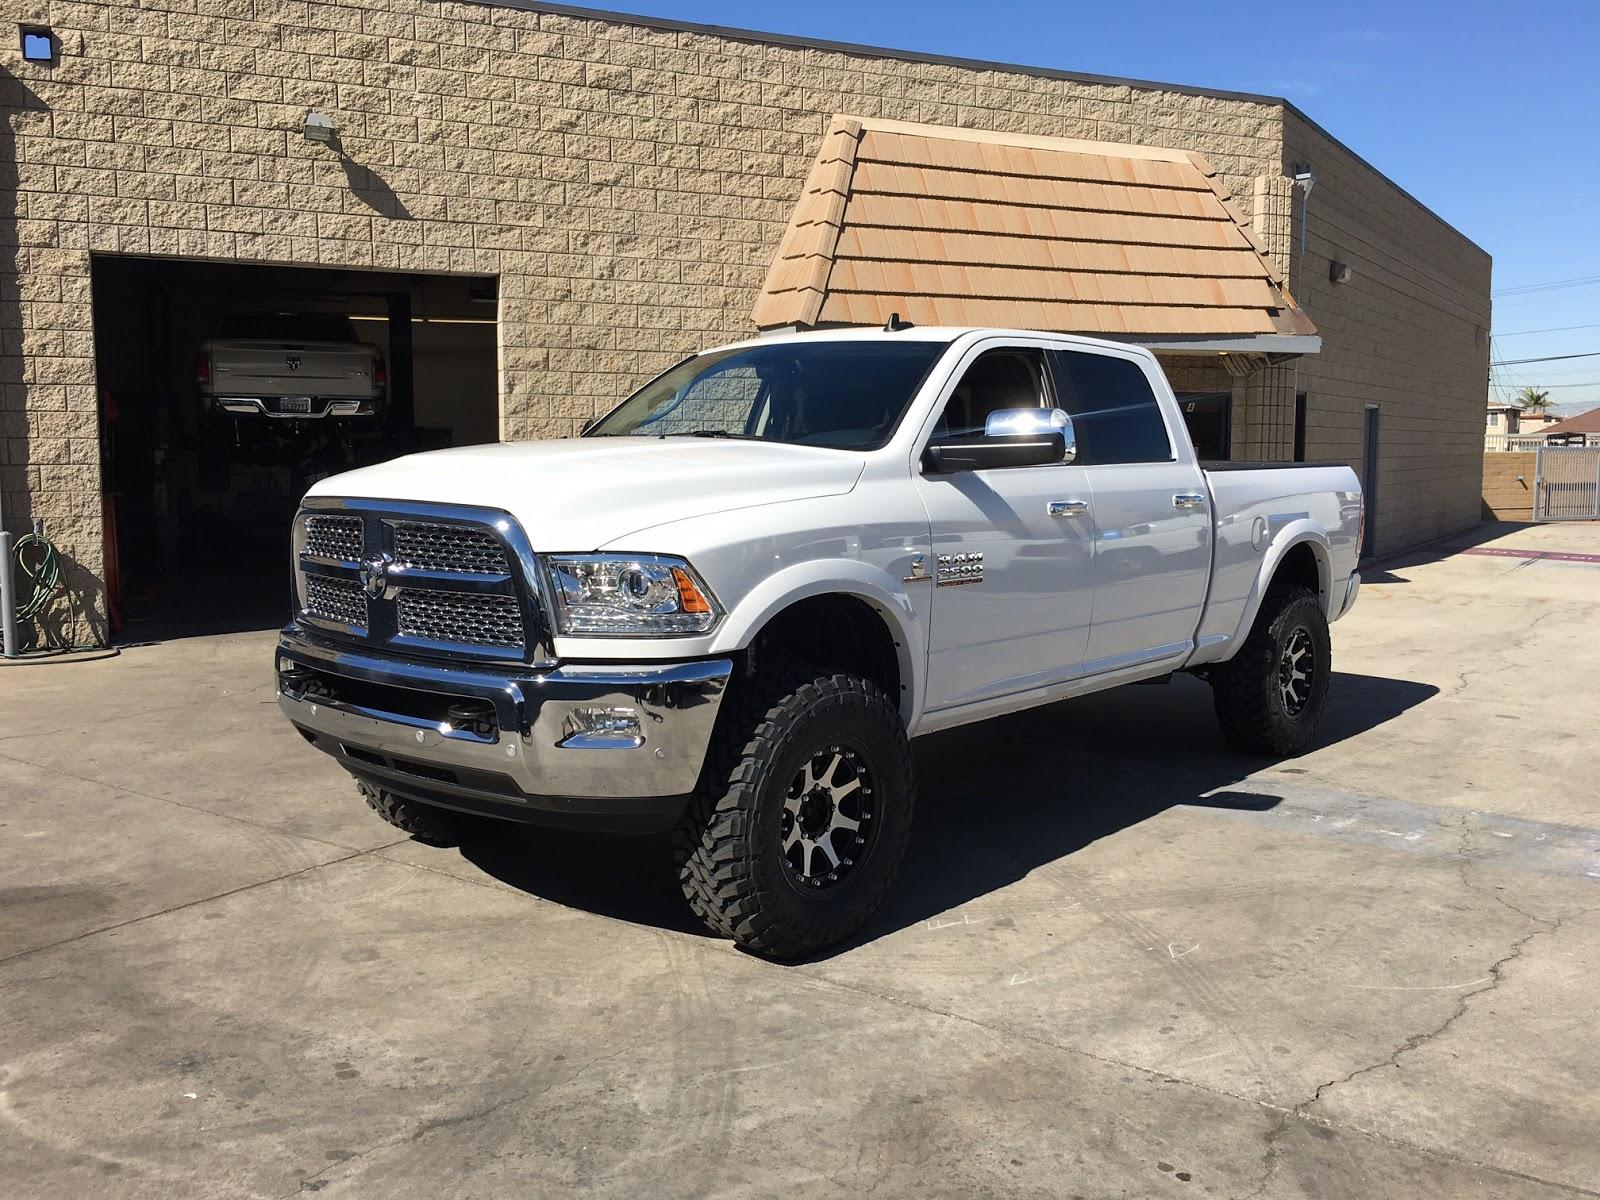 2016 Ram 2500 Leveling Kit >> CJC Off Road Blog: February Trucks